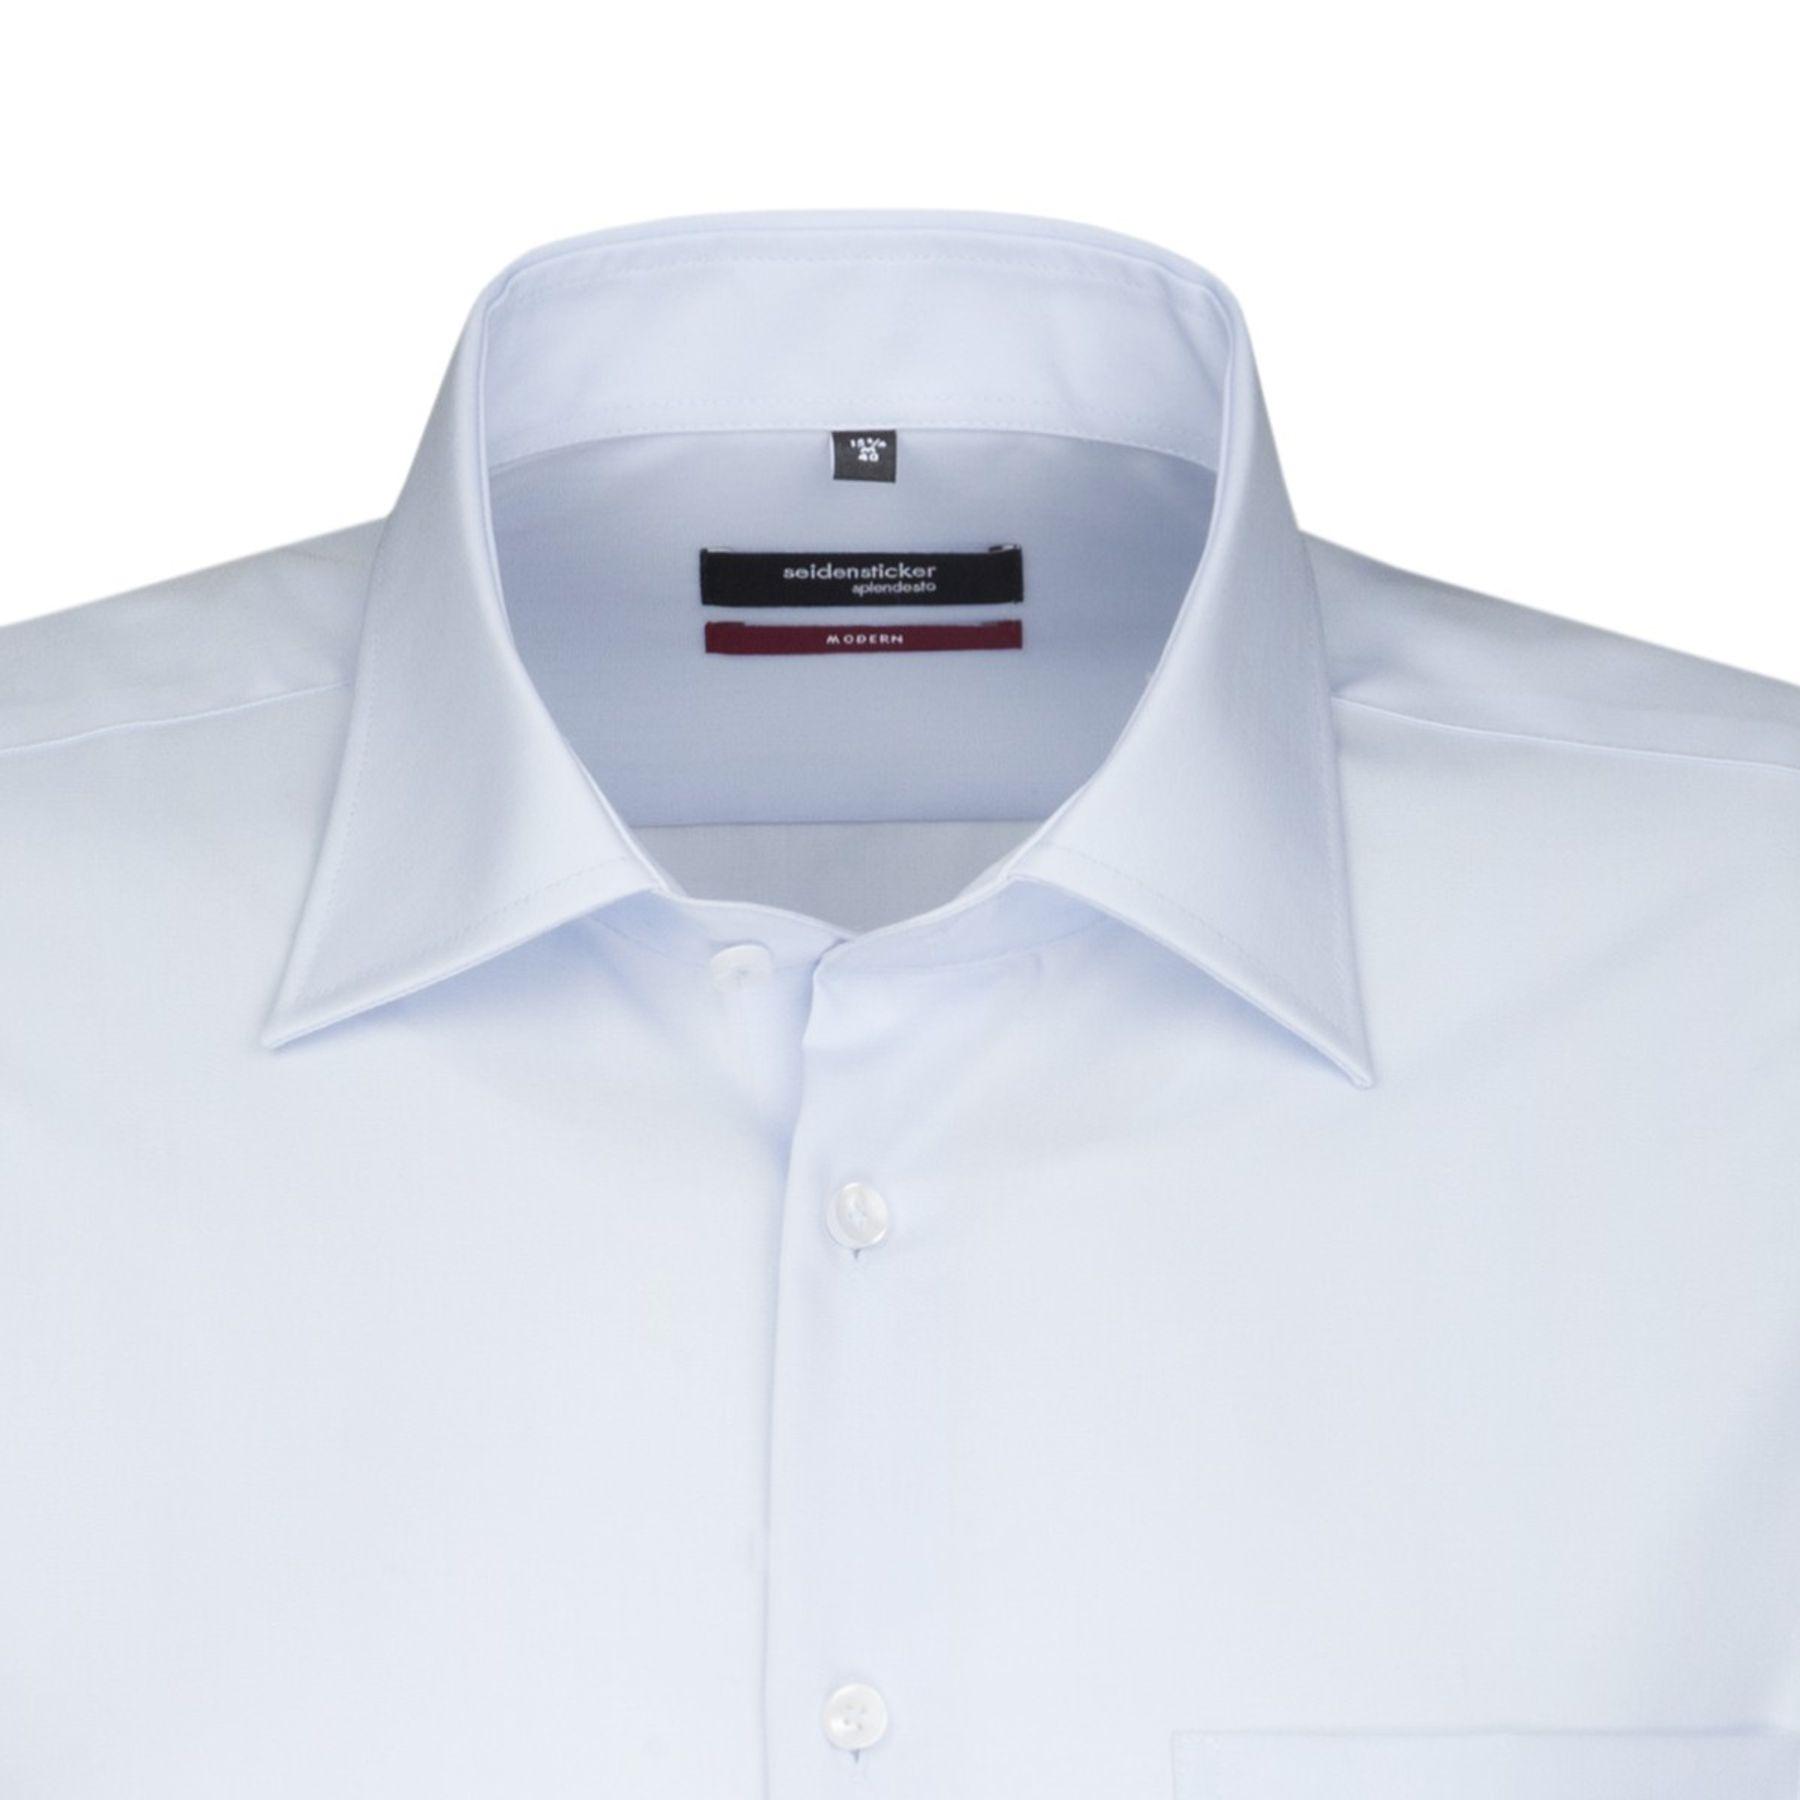 Seidensticker - Herren Hemd, Bügelfrei, Modern, Schwarze Rose mit Kent Kragen in Blau, Weiß und Ecru (01.001007) – Bild 14